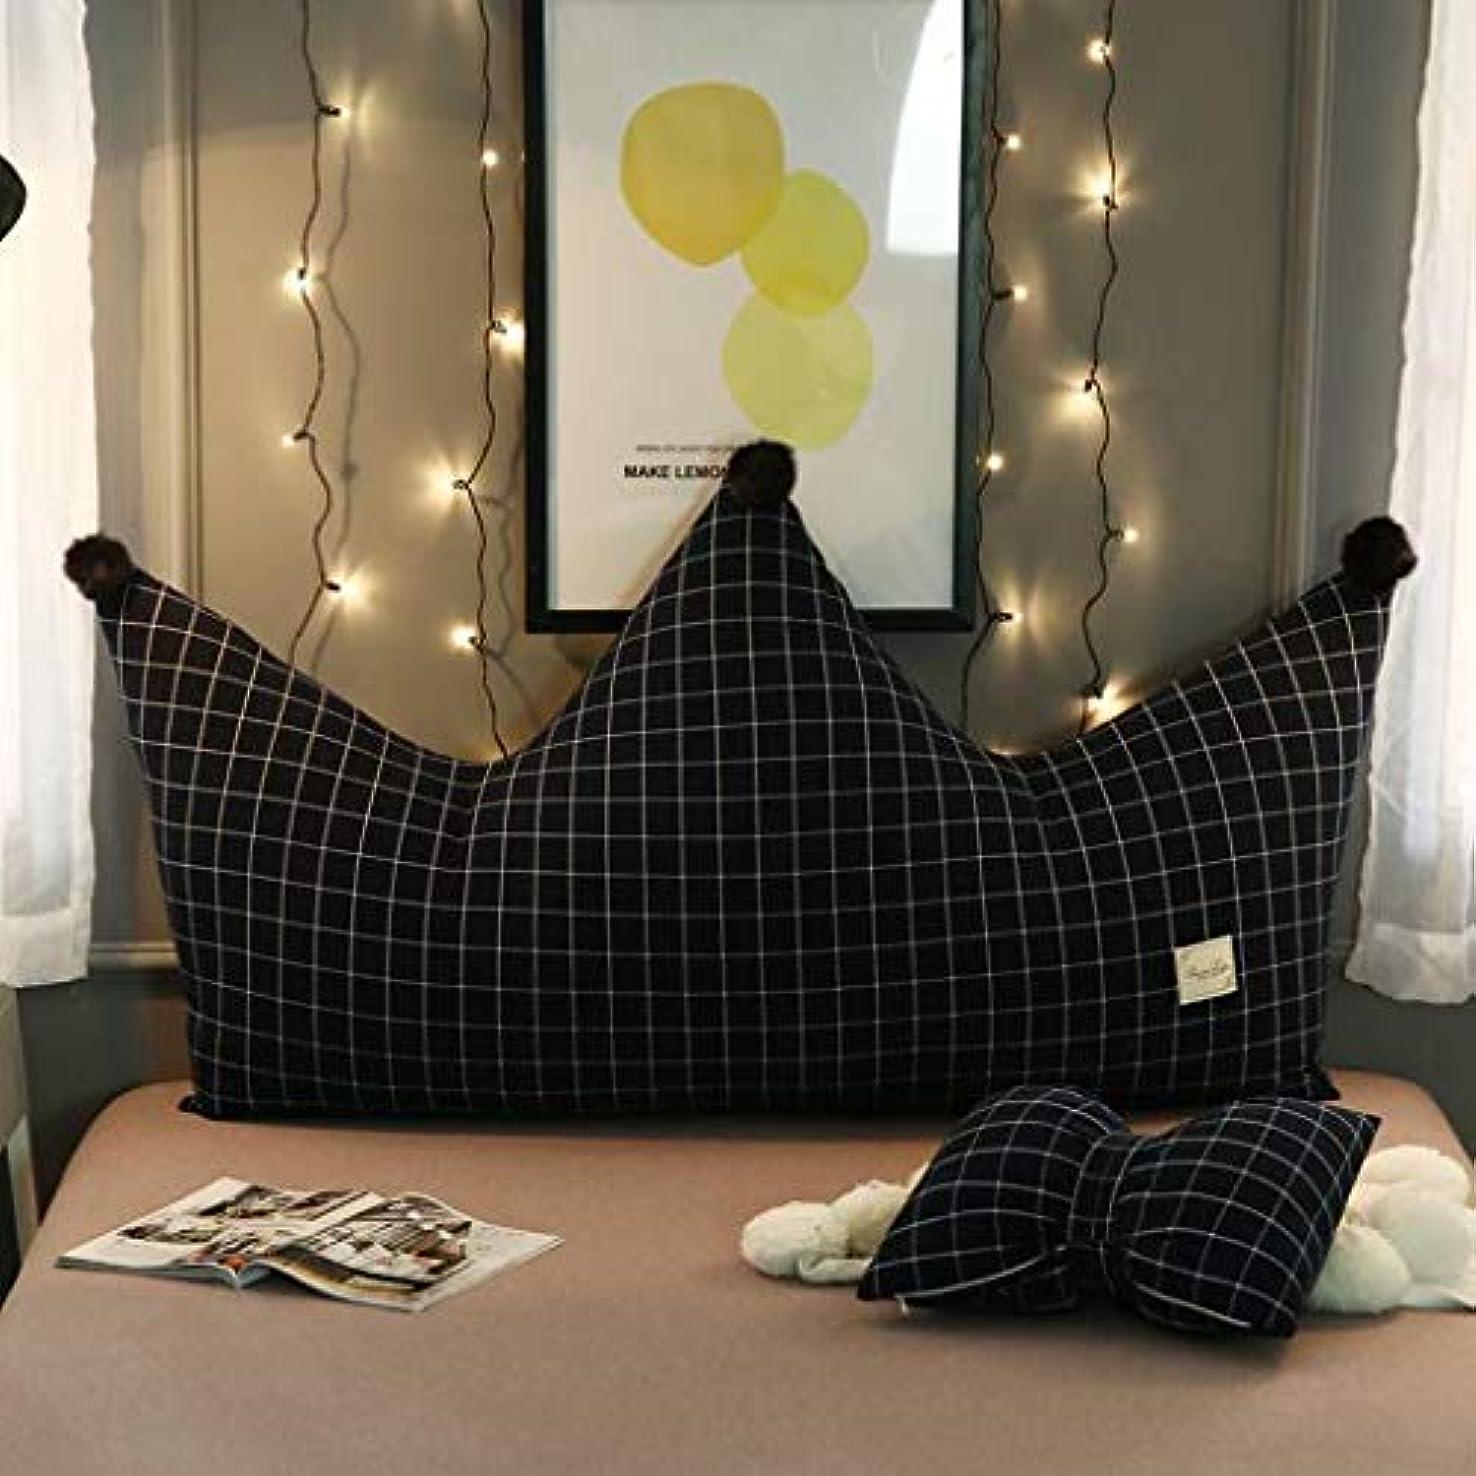 ハイランド赤外線データムクラウンピローベッド枕寝室ソフトバッグ王女風ベッドヘッドクッション大背もたれシンプルモダン JSSFQK (Color : C, Size : 120cm)